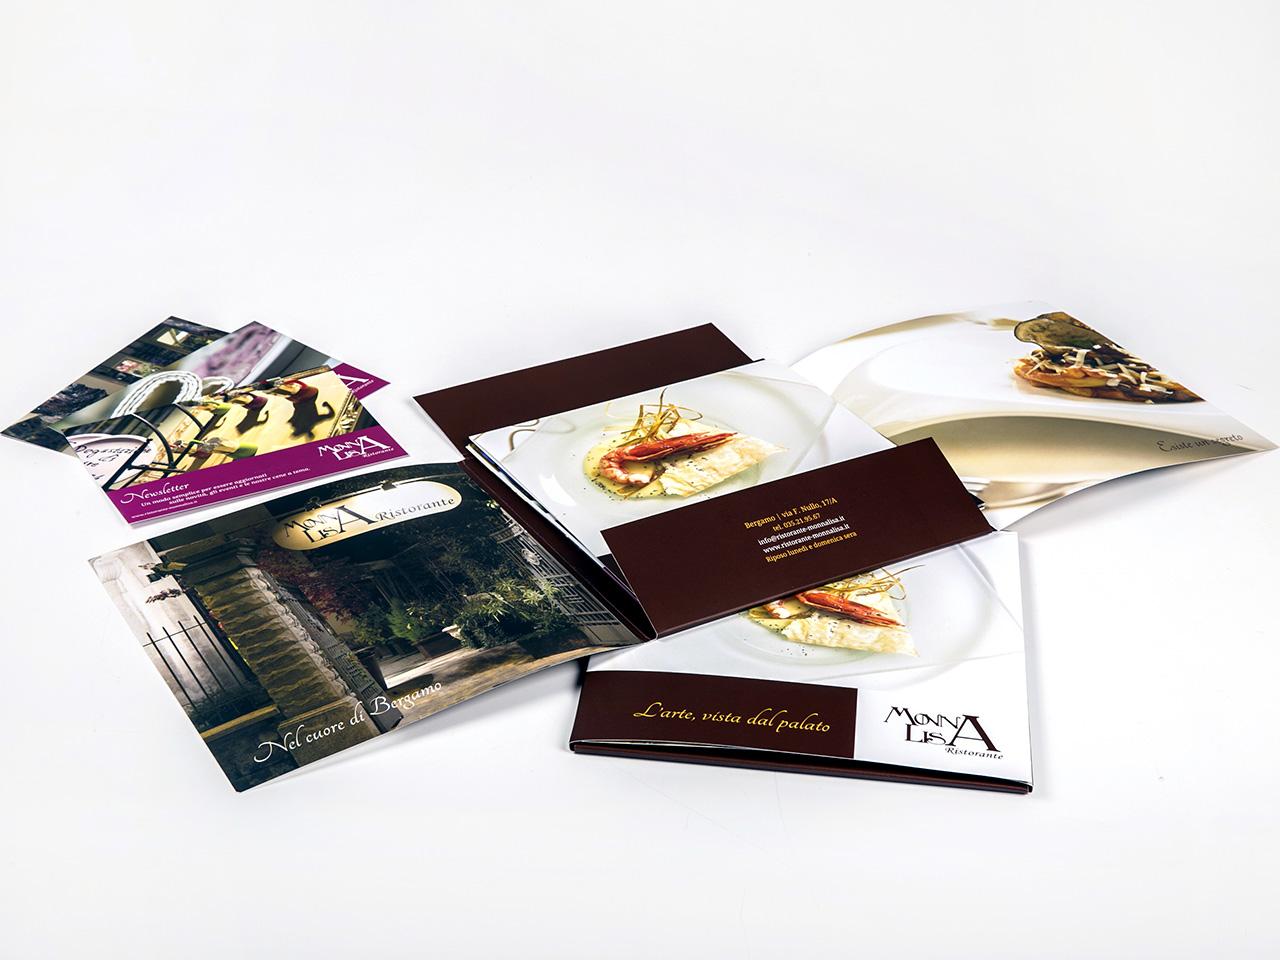 DVD_packaging_01